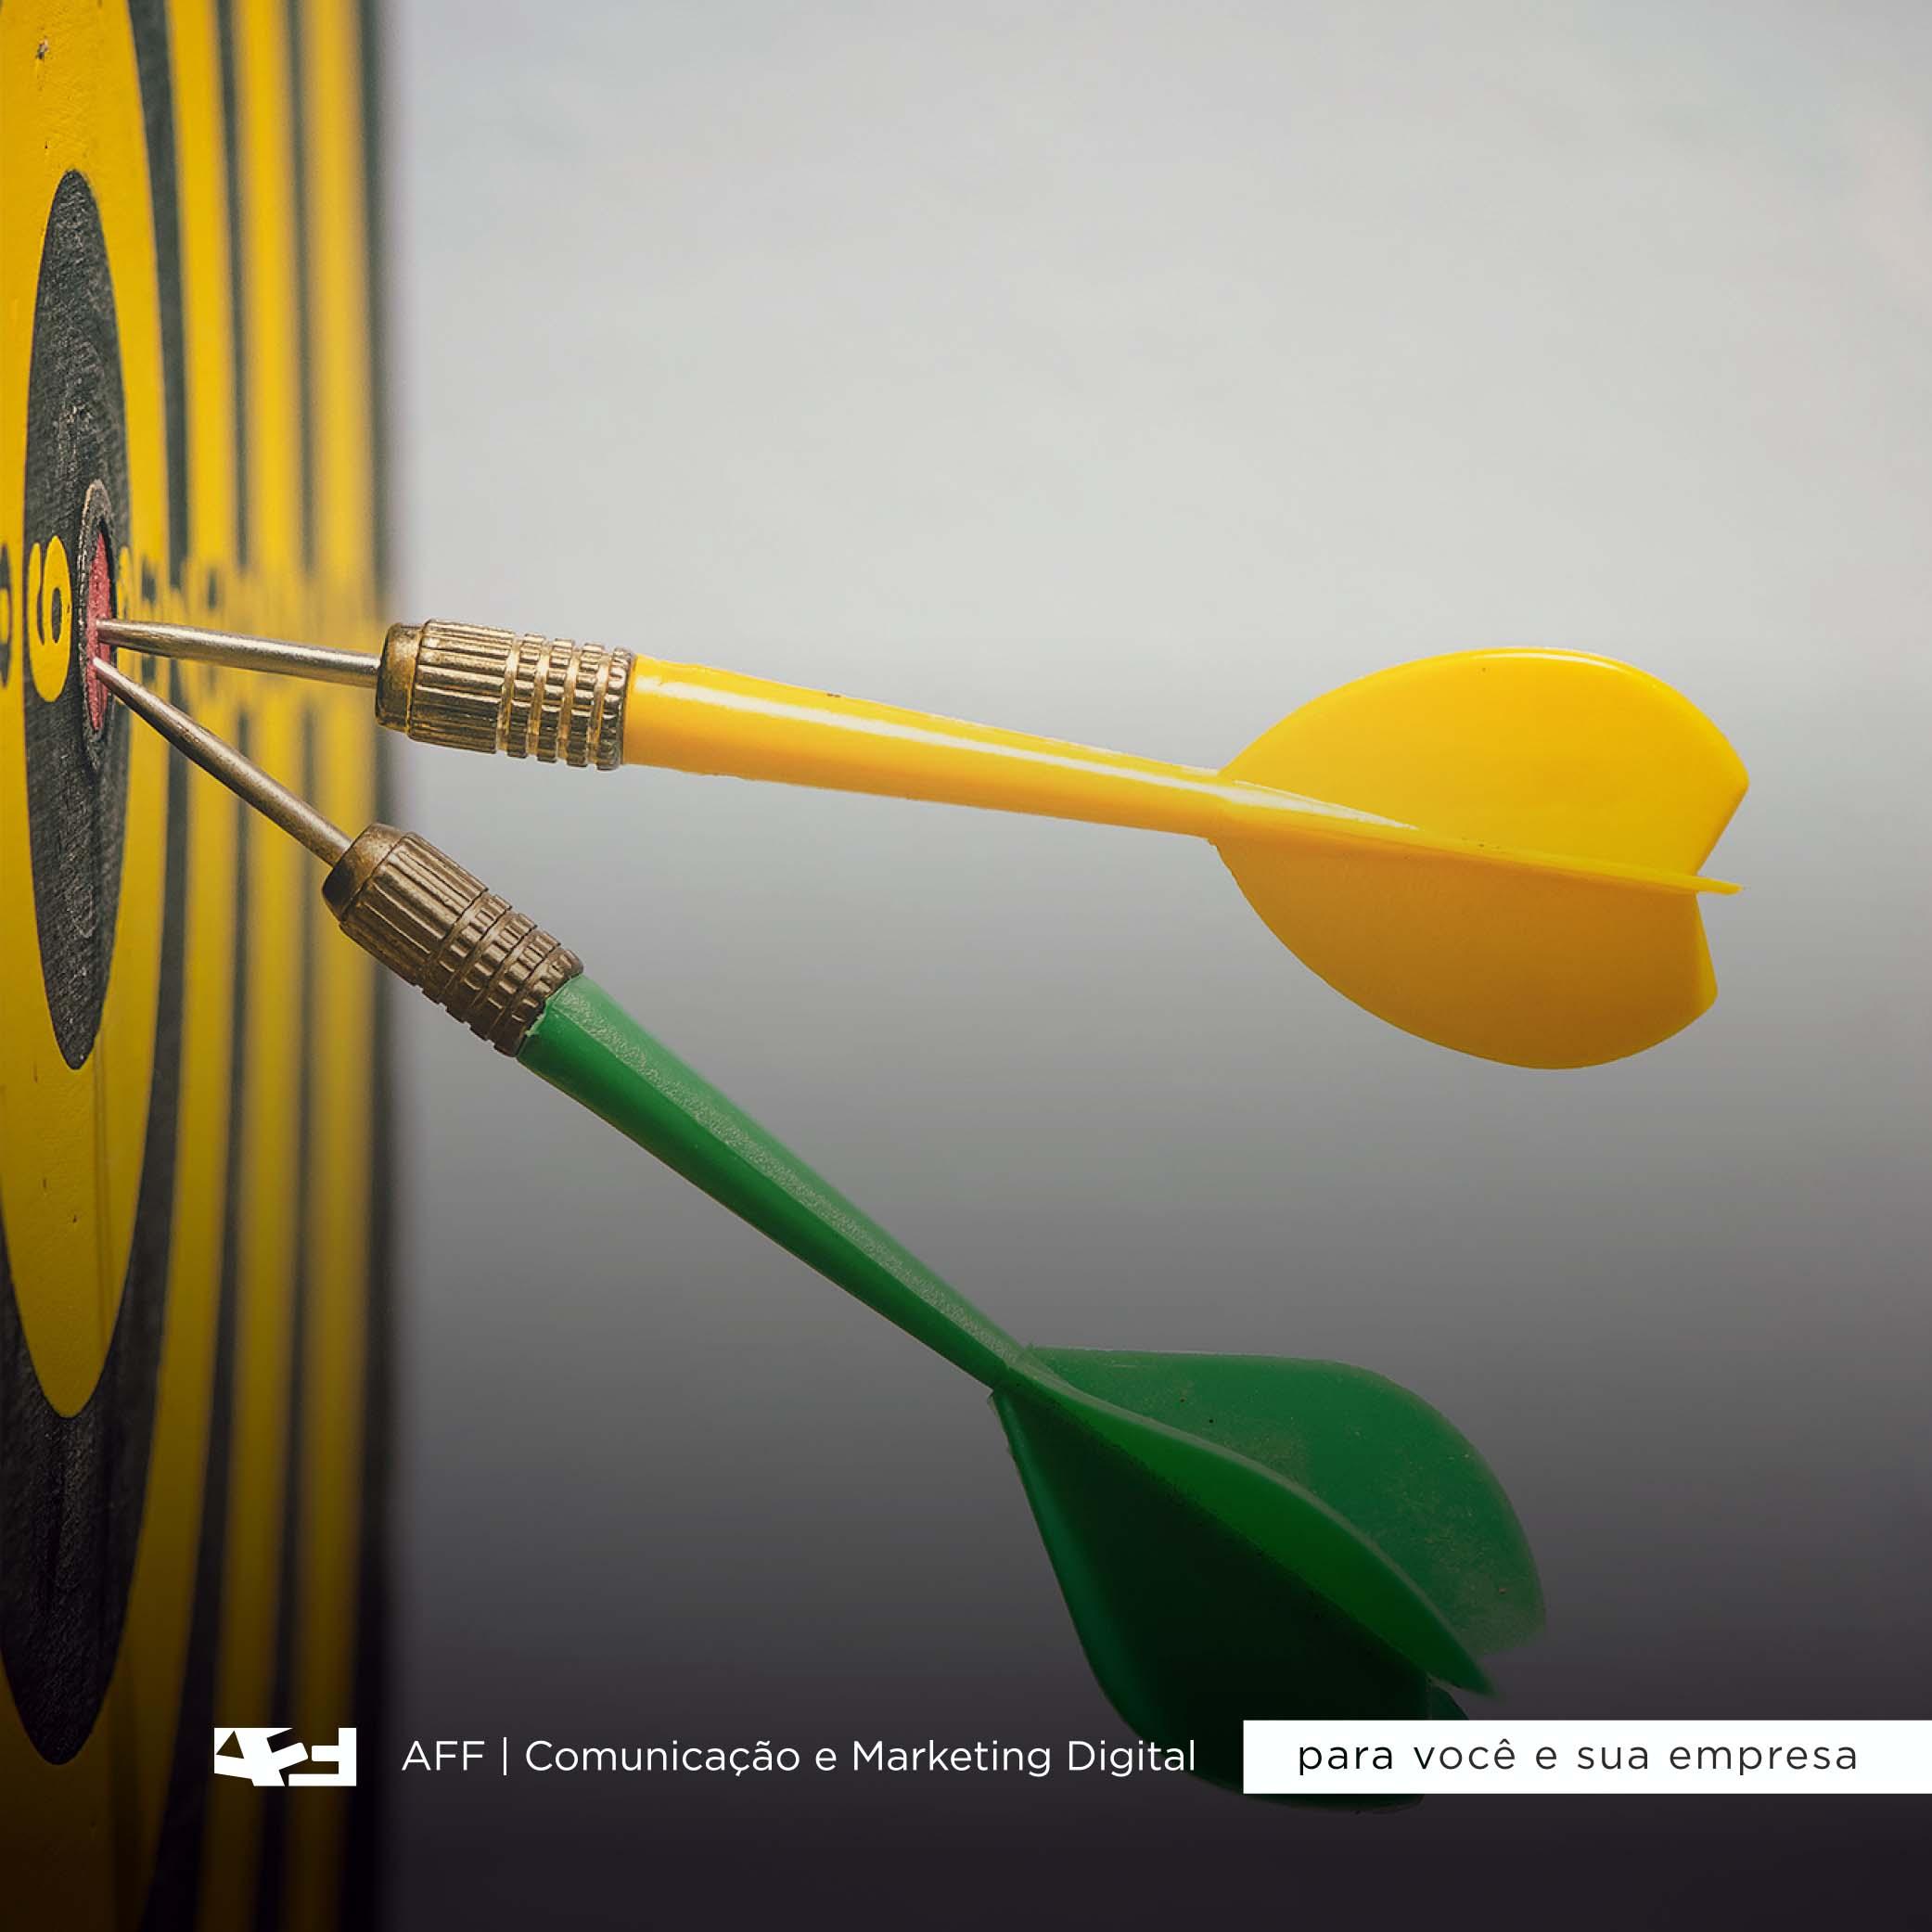 imagem meramente ilustrativa, o conceito marketing digital